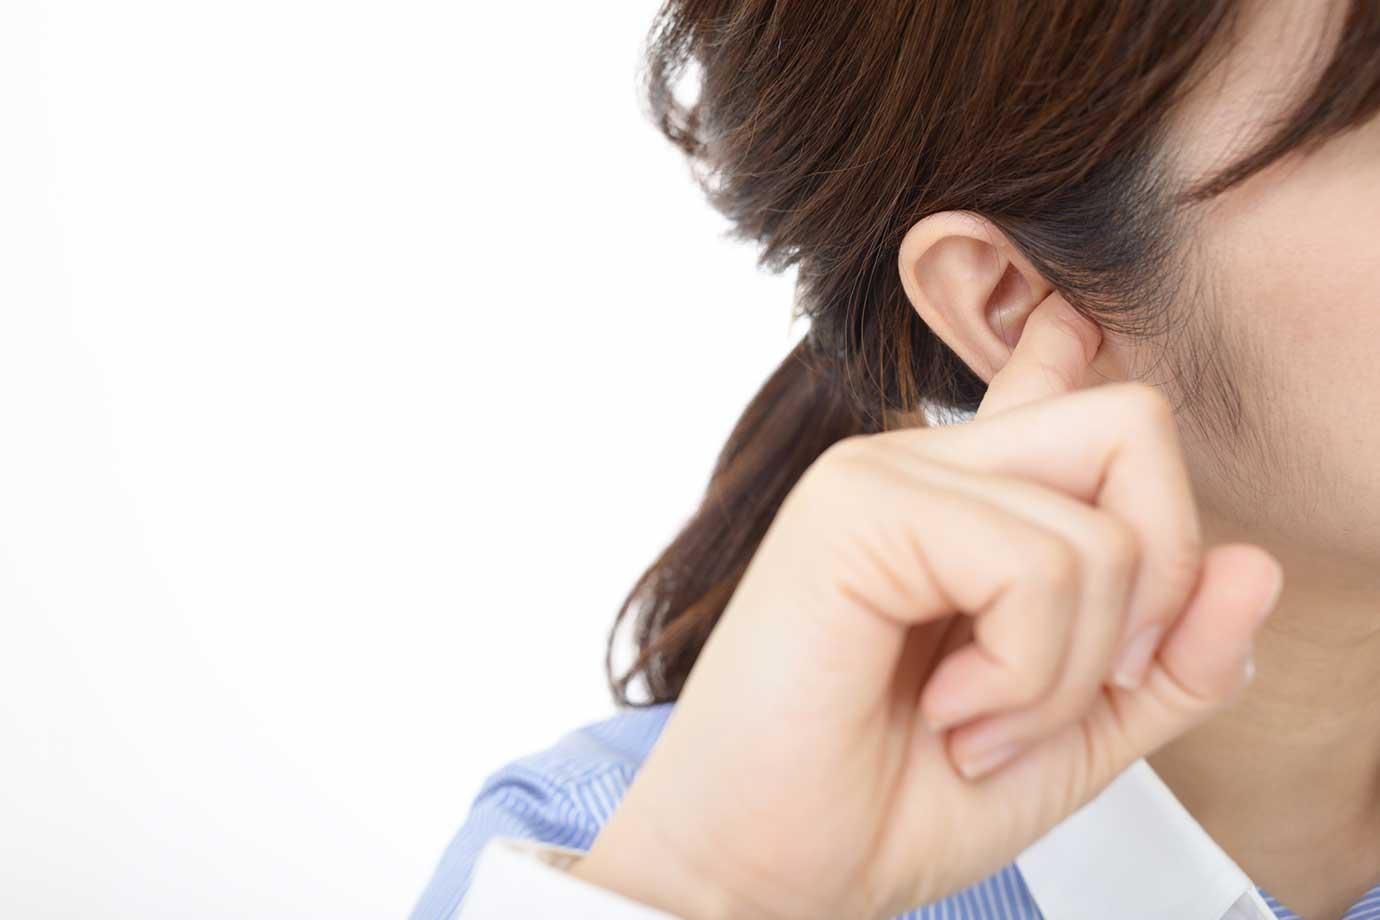 小さな刺激に対しても反応してしまうHSCは、「気にしない」ことが難しいです